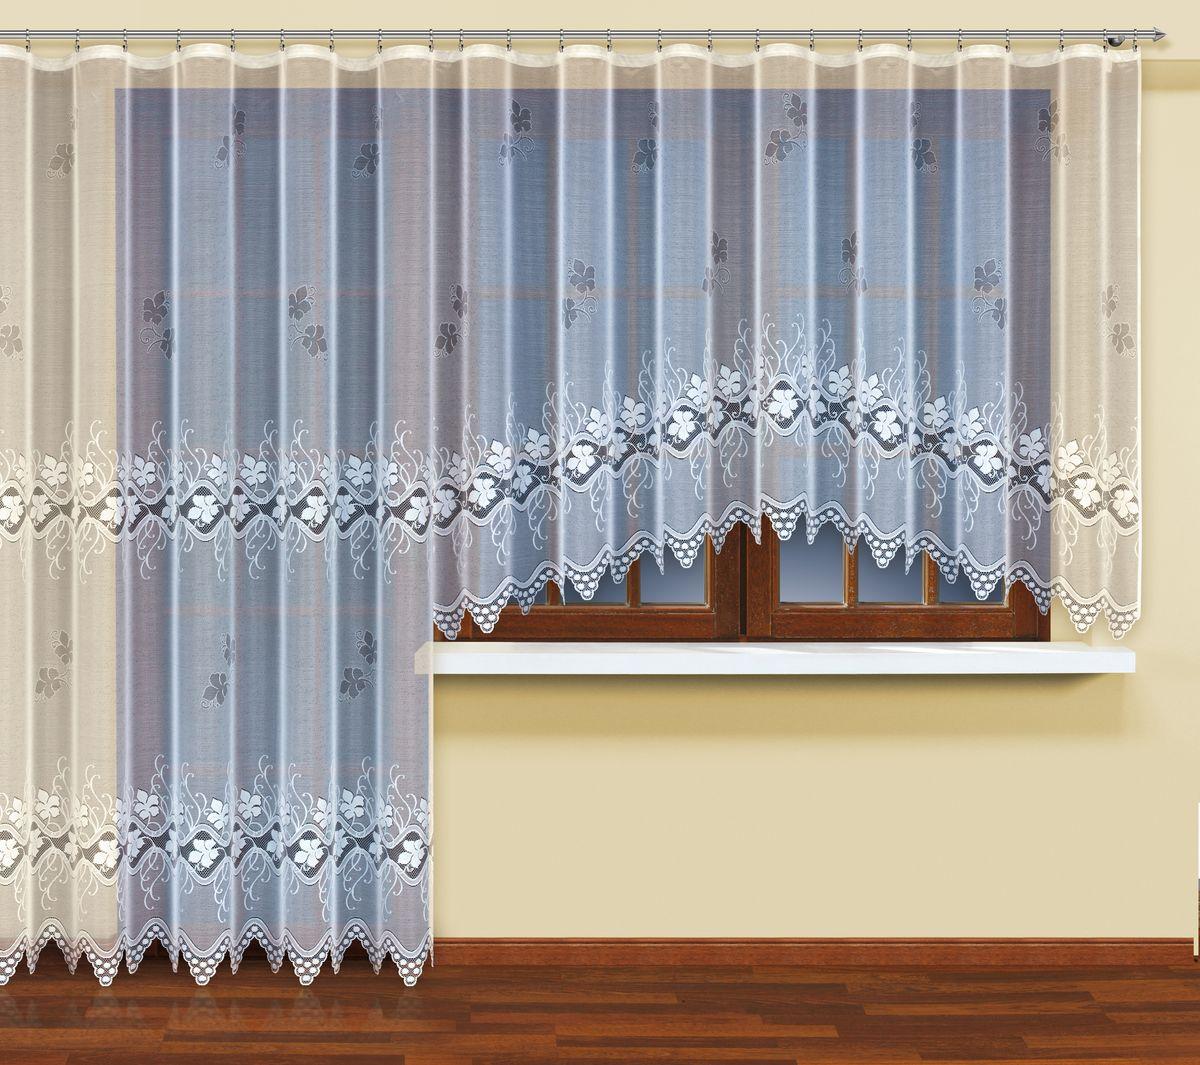 Комплект балконный HAFT 300*160+200*240. 222570222570Комплект балконный XAFT 300*160+200*240. 222570Материал: 100% п/э, размер: 300*160+200*240, цвет: белый